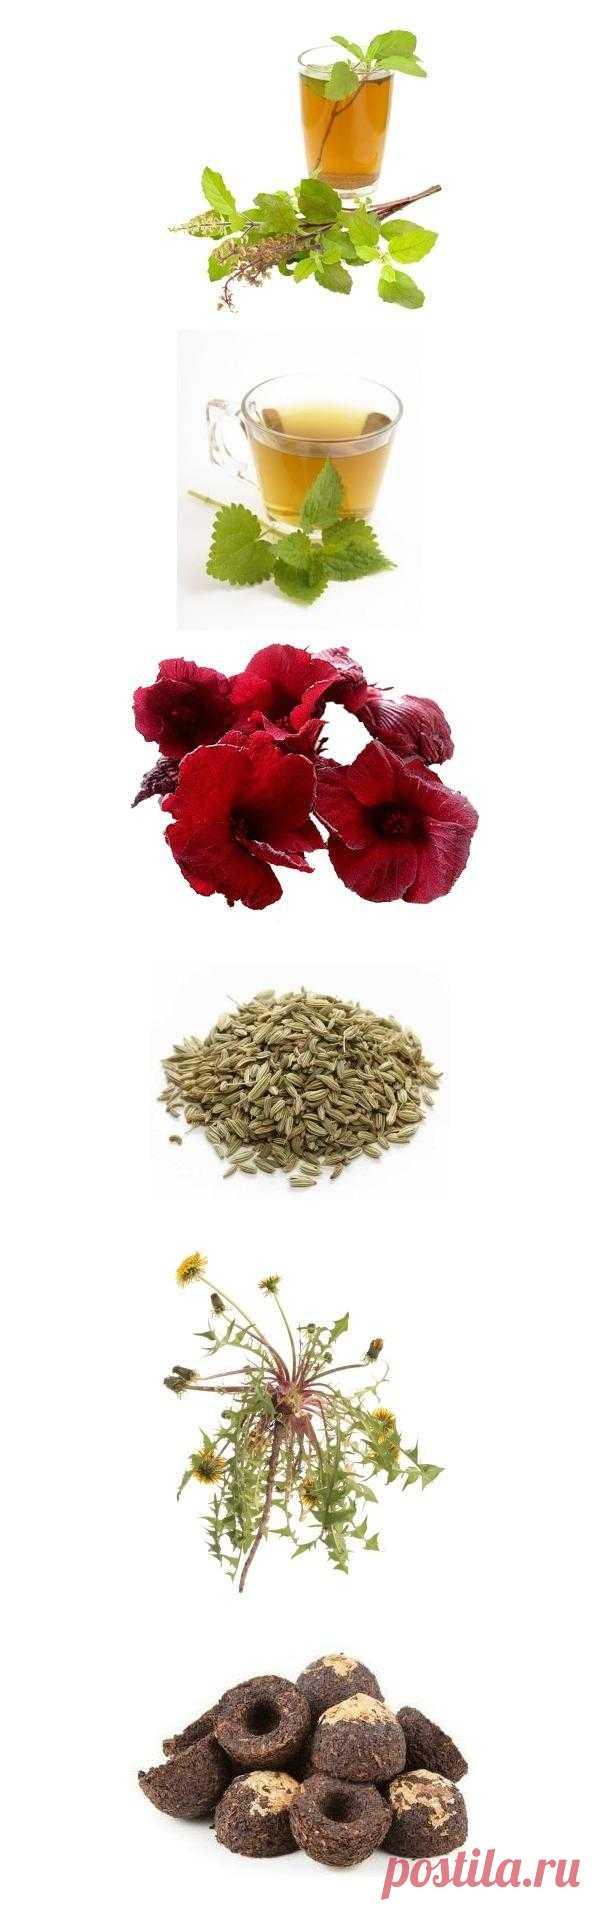 6 уникальных и полезных для здоровья чаев